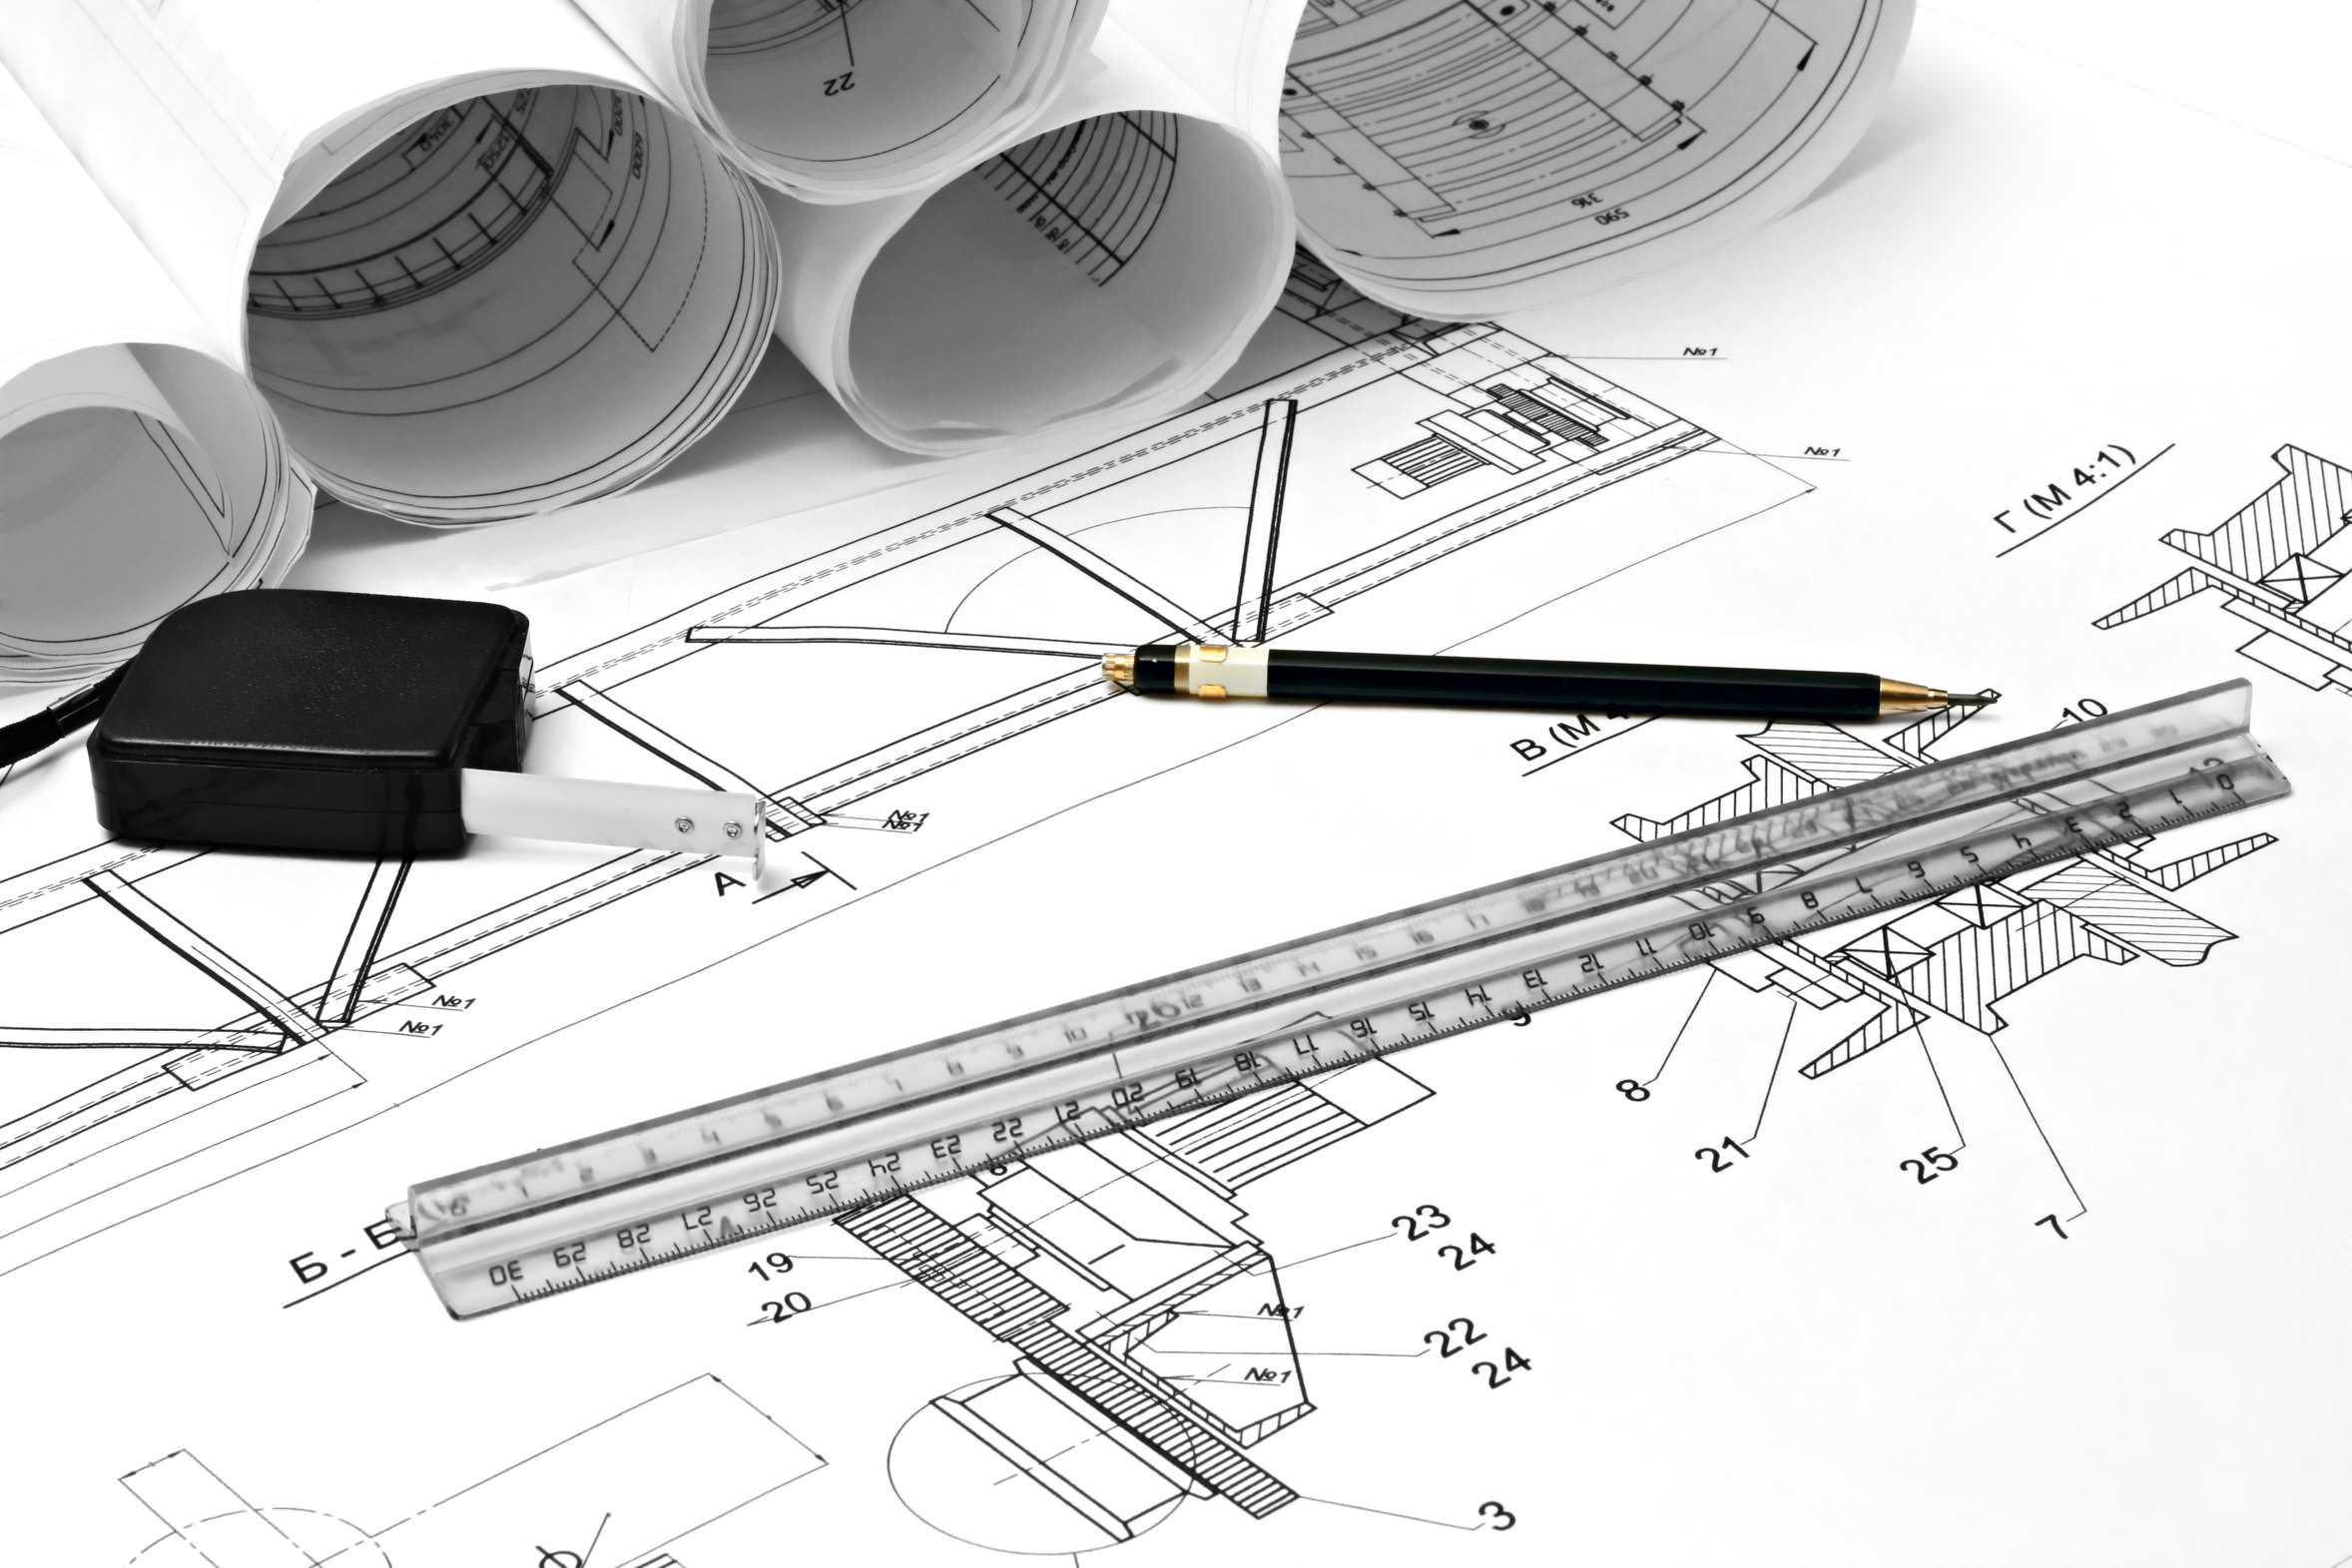 Progettazione c m f srl for Versare disegni e progetti